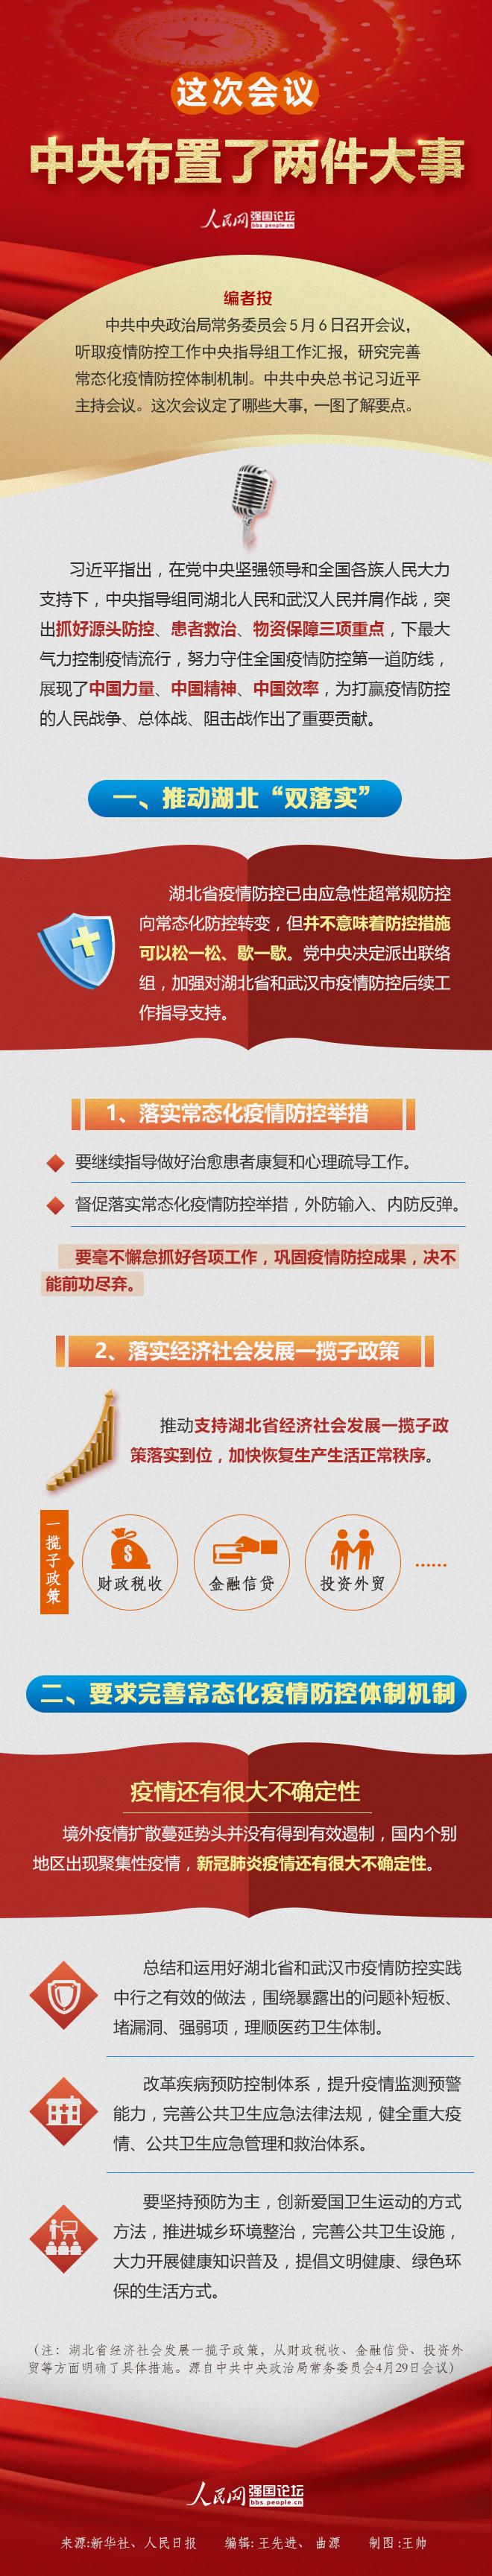 """方城县荣获省级""""四好农村路""""示范县称号 打造民生工程 助力乡村振兴"""